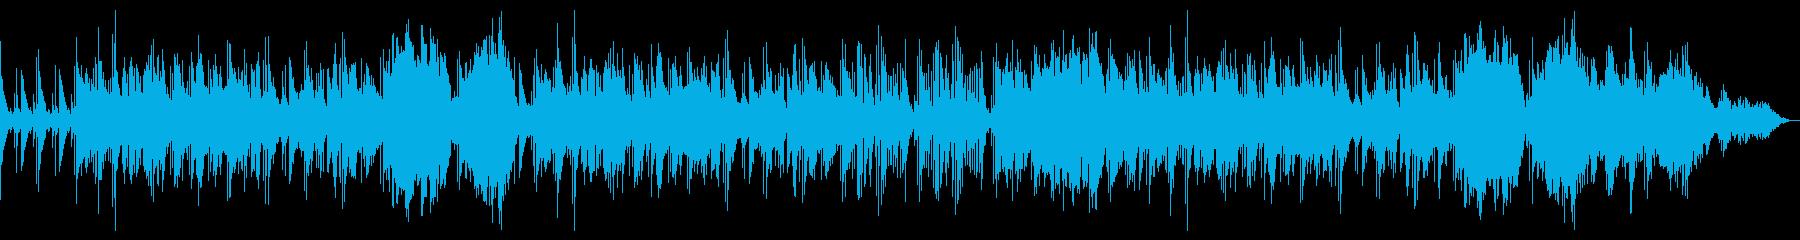 夜の宿場 琴と即興尺八風とシンセベースの再生済みの波形